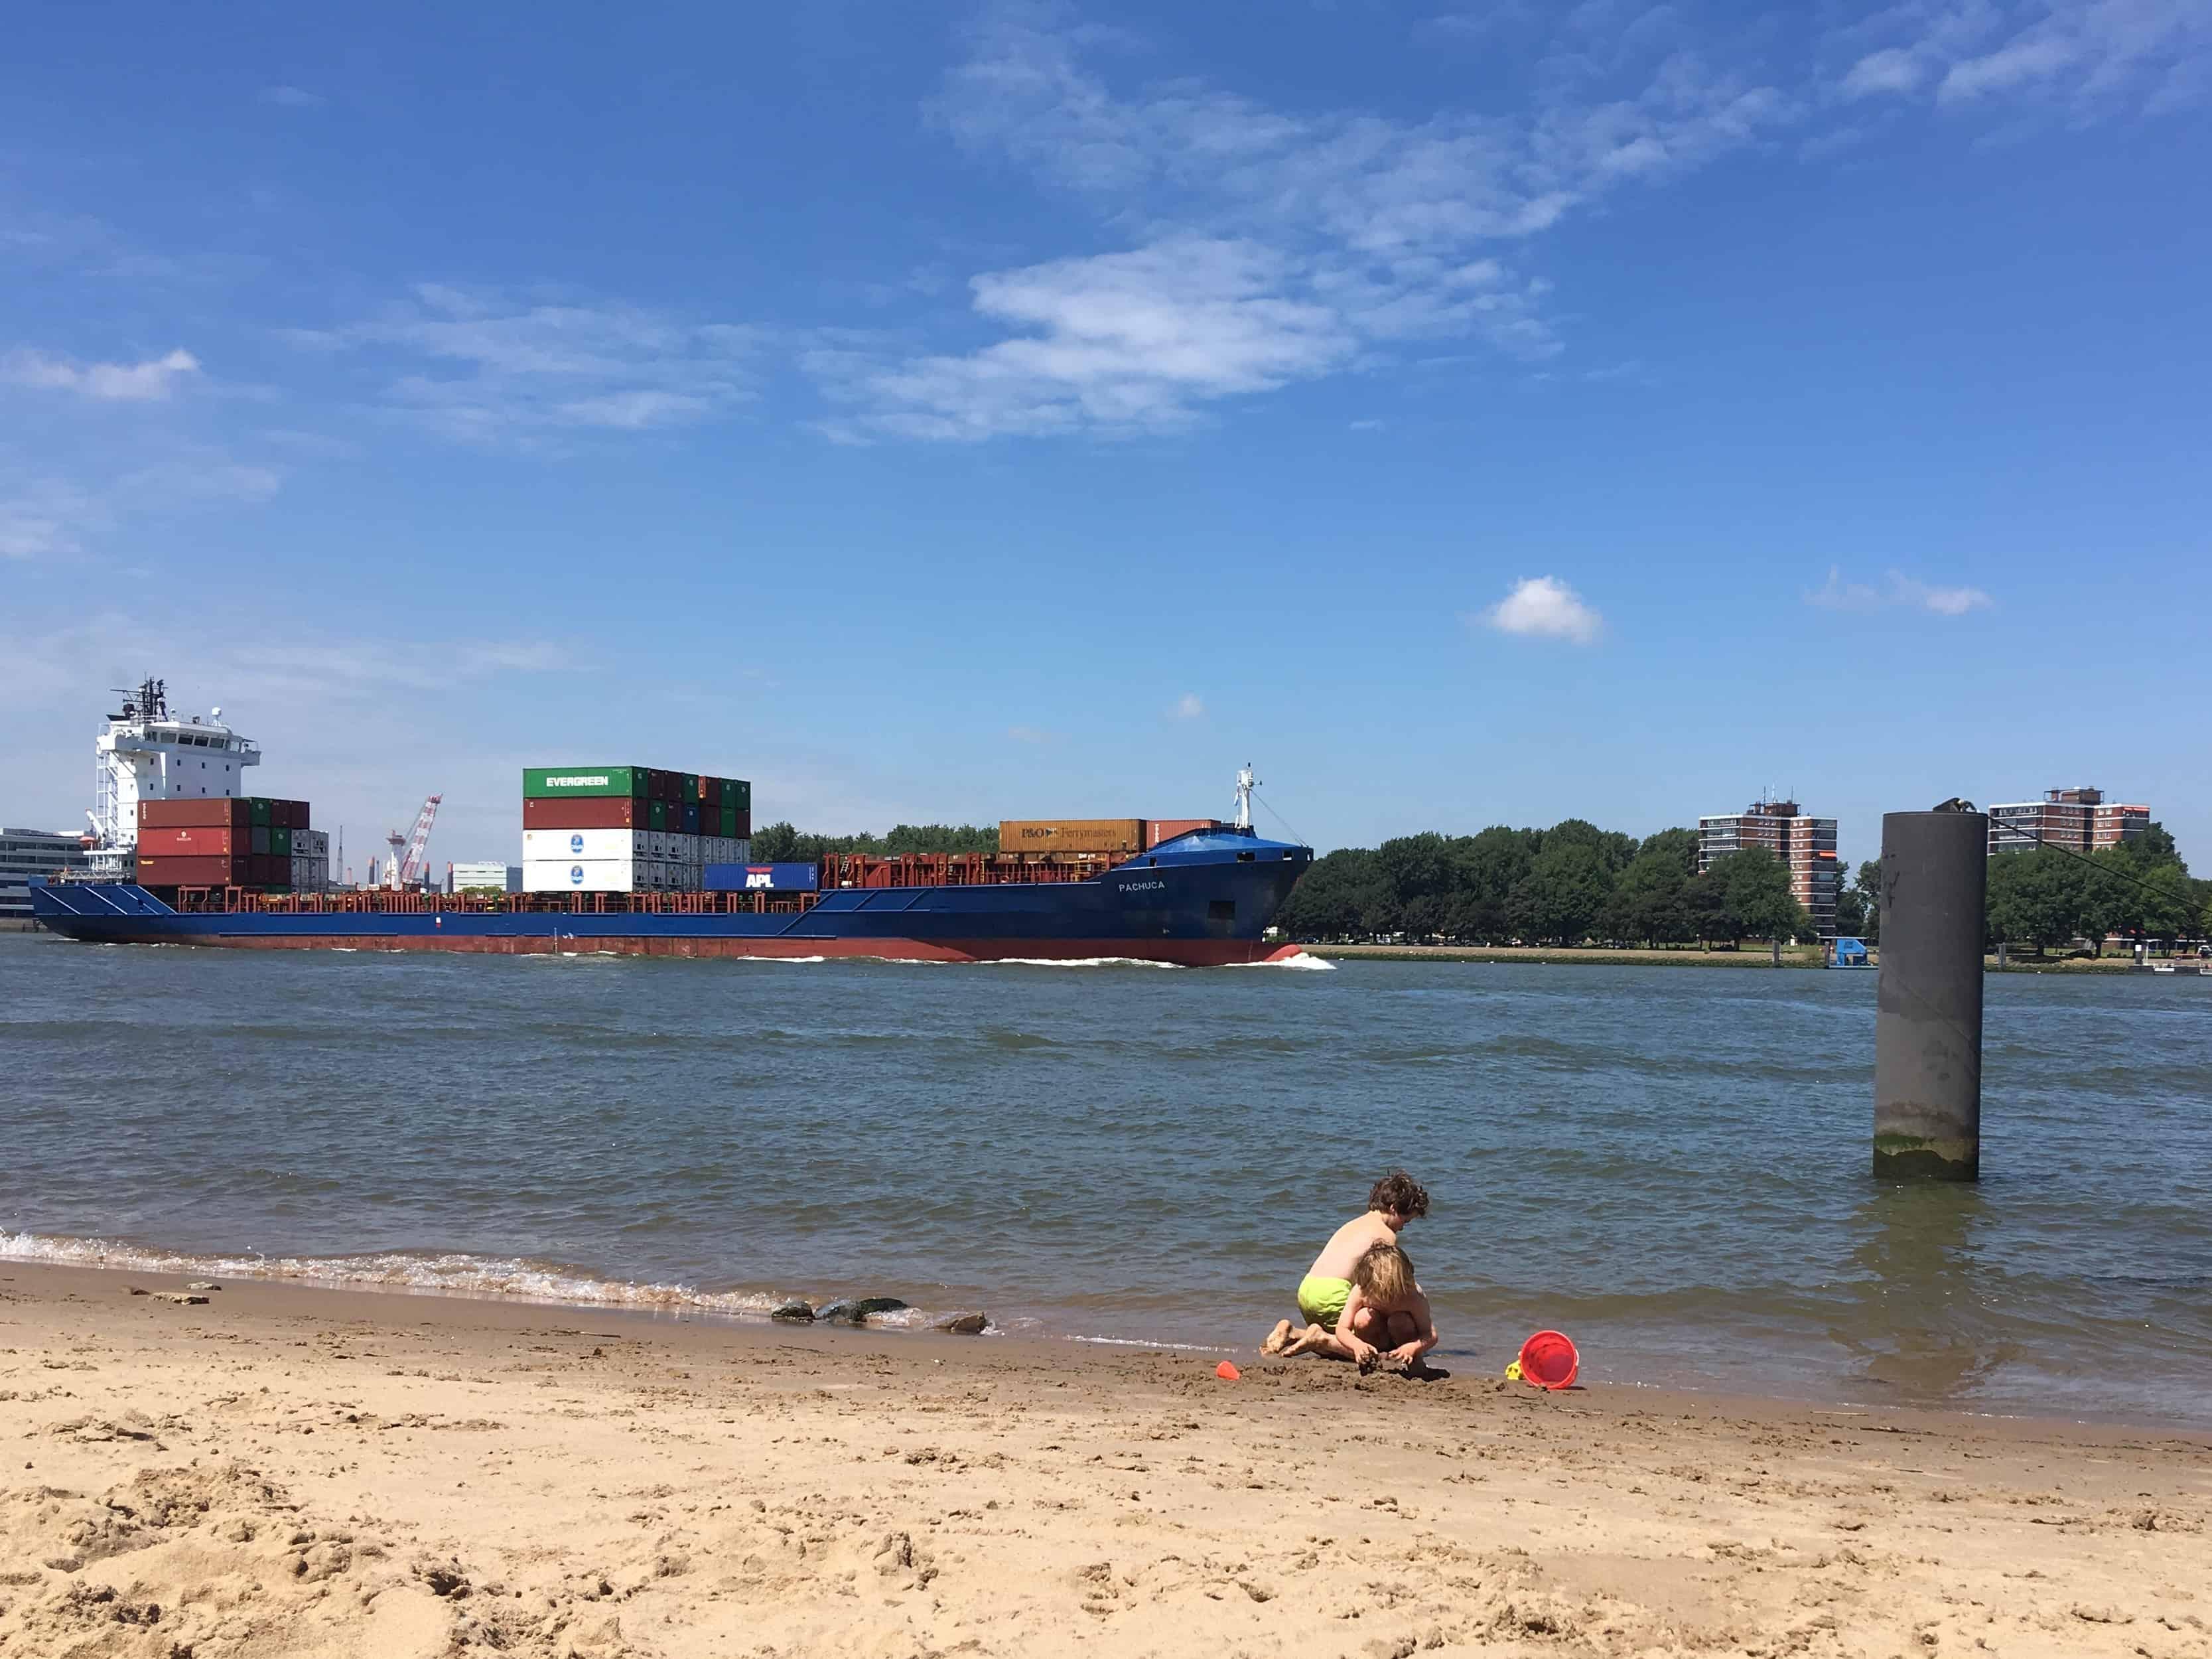 Greppels graven met een vrachtschip op de achtergrond.